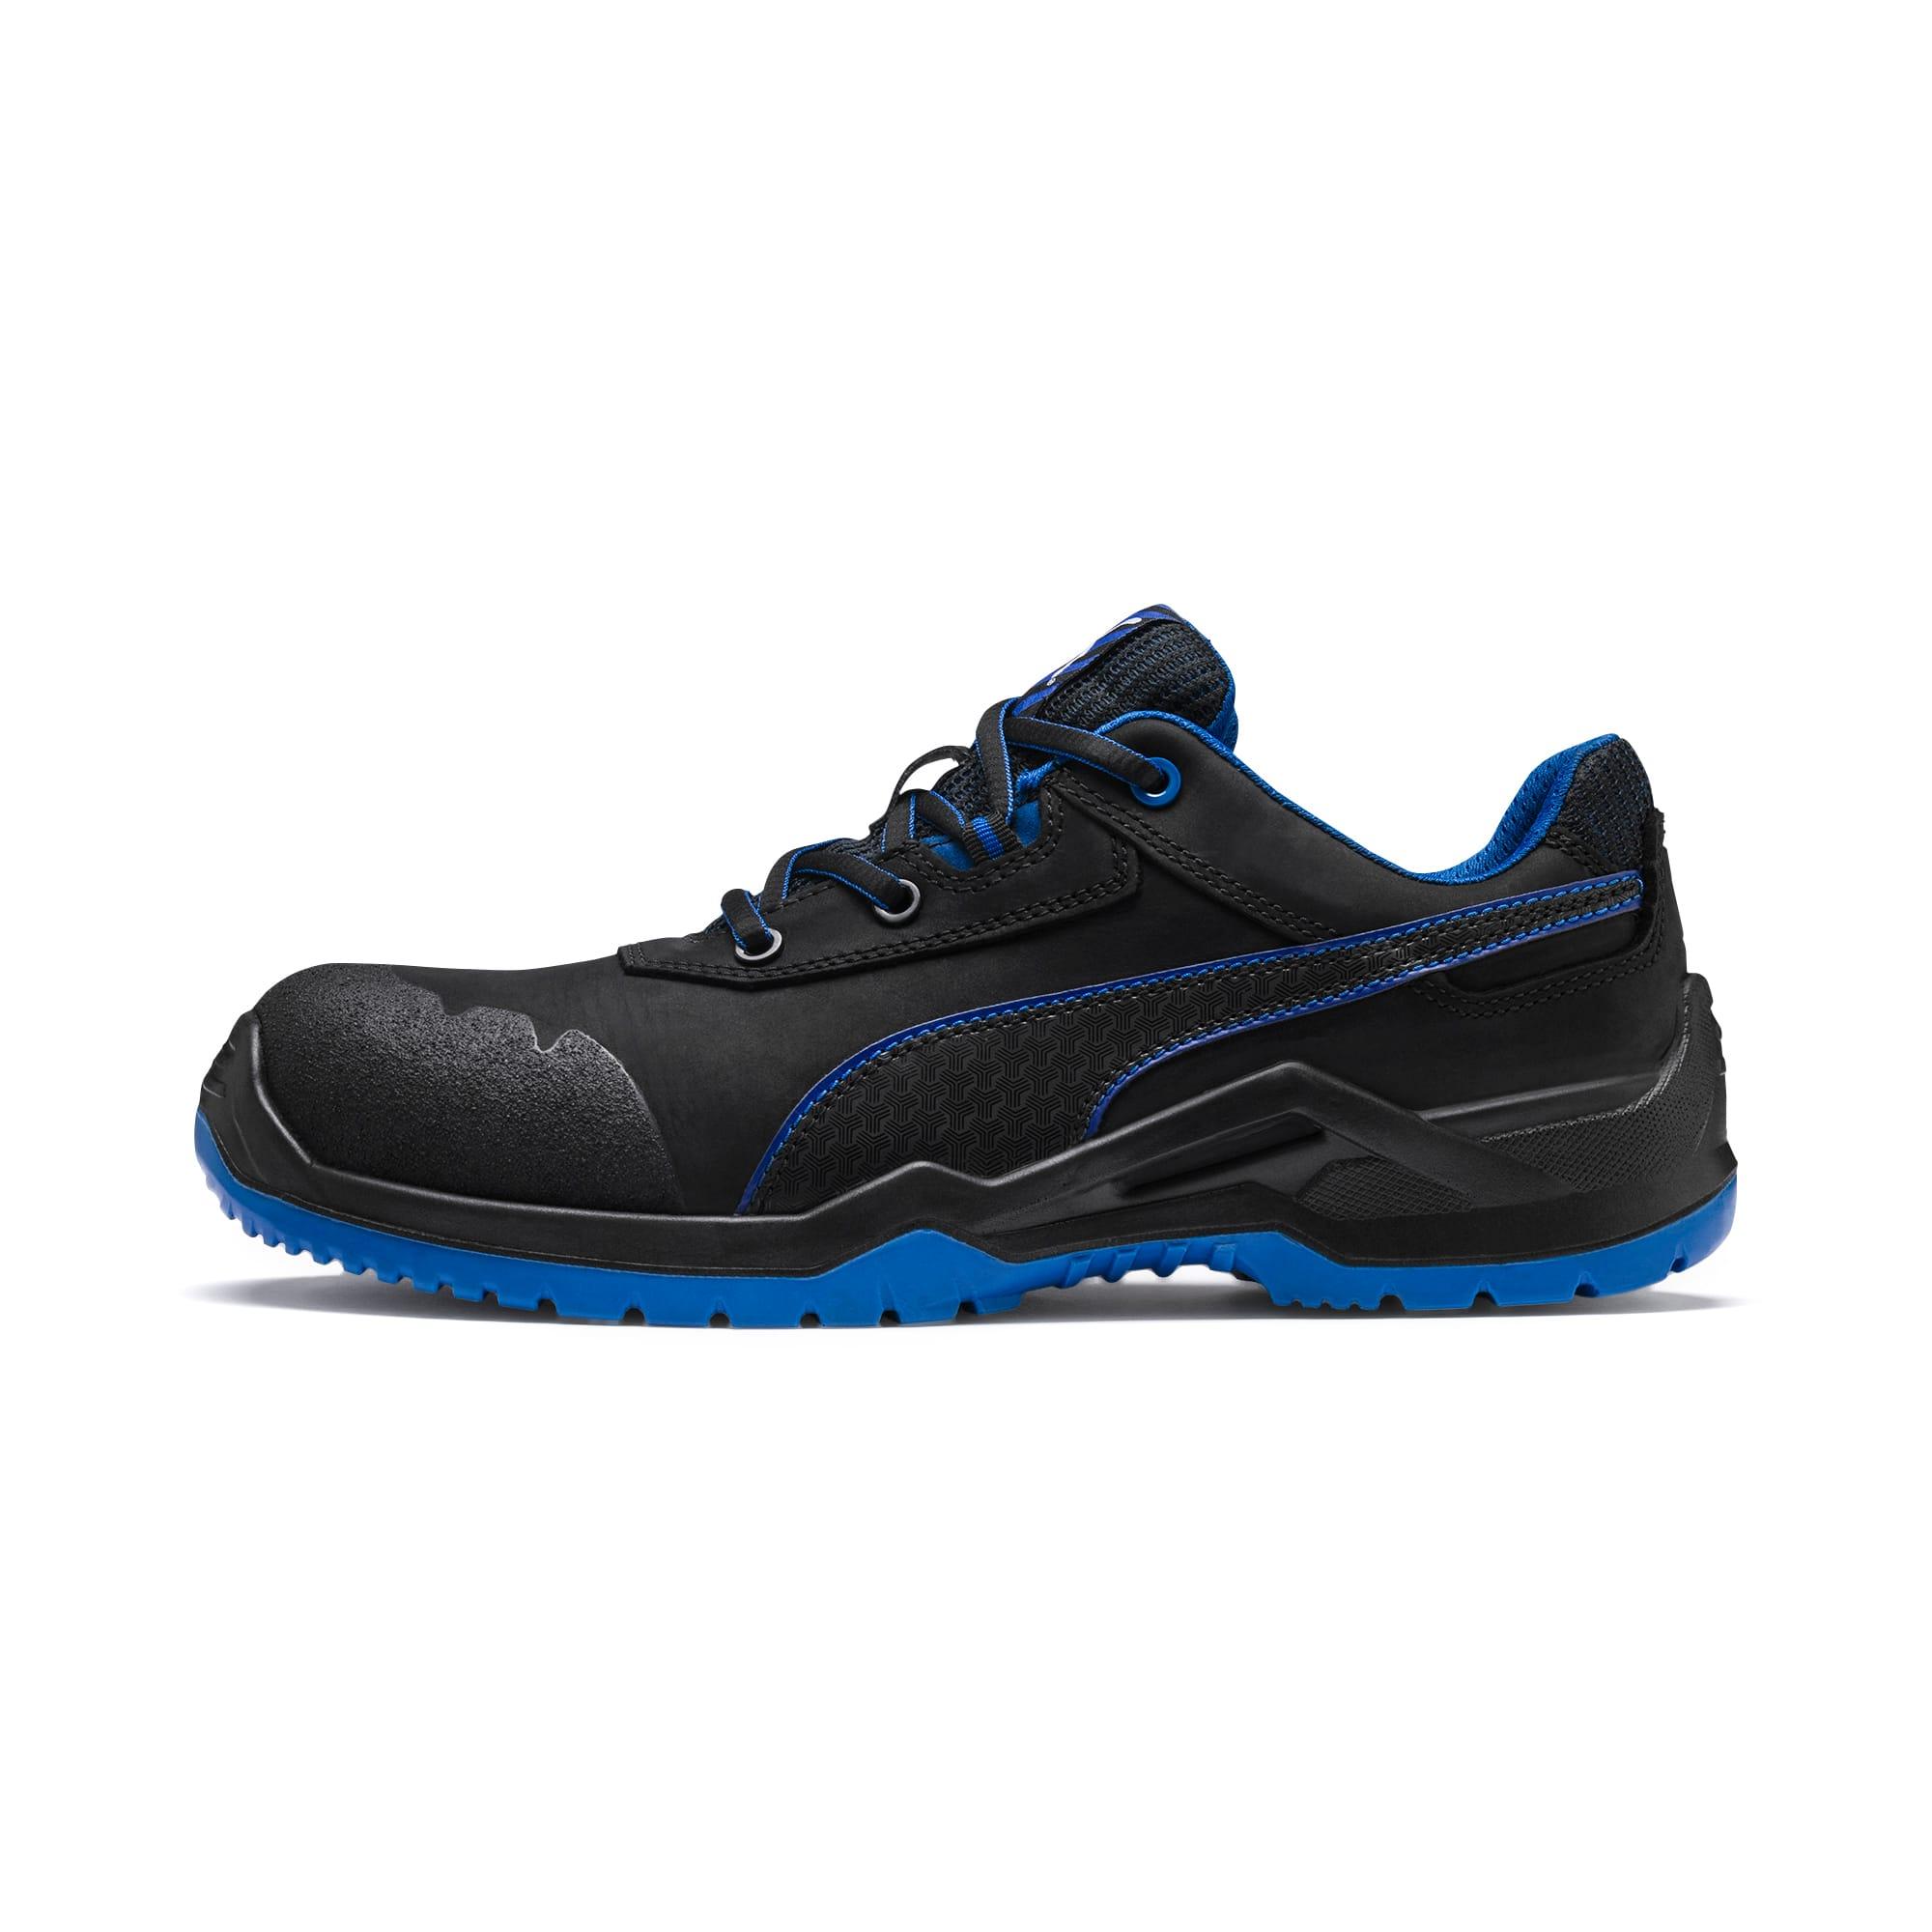 Puma Men's PUMA Safety Boot Argon Blue Low S3 Esd Src,  Schwarz/Blau, size 10.5, Shoes